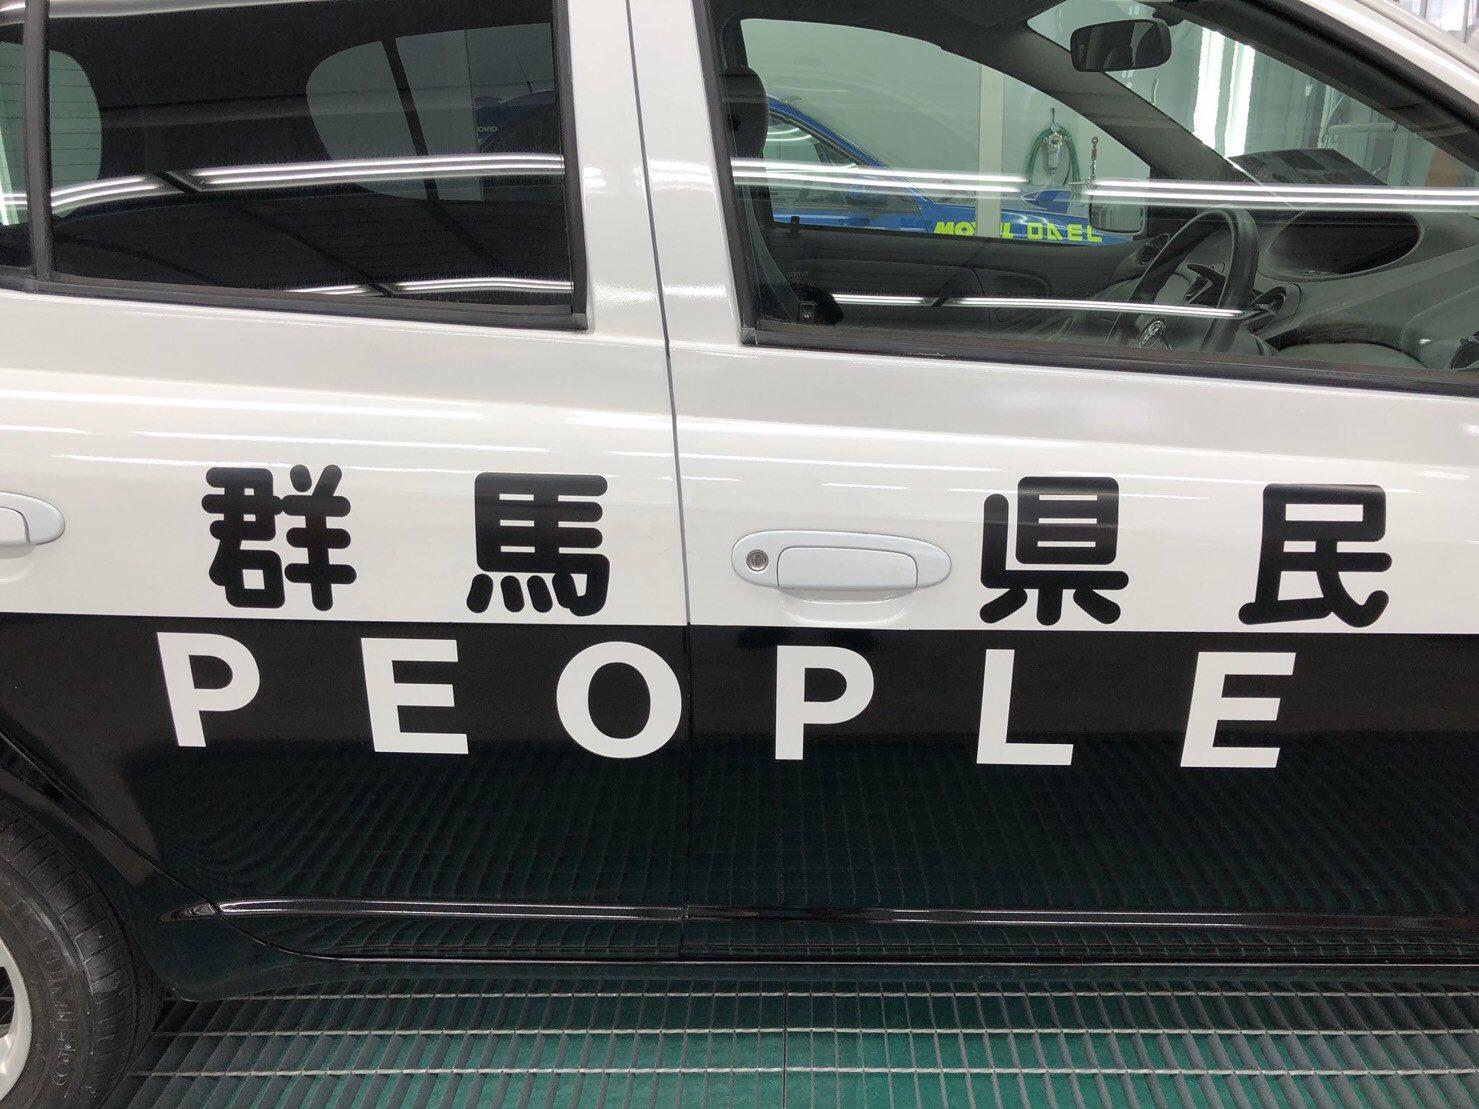 警察車両かと思いきや?群馬県民の車だったwww